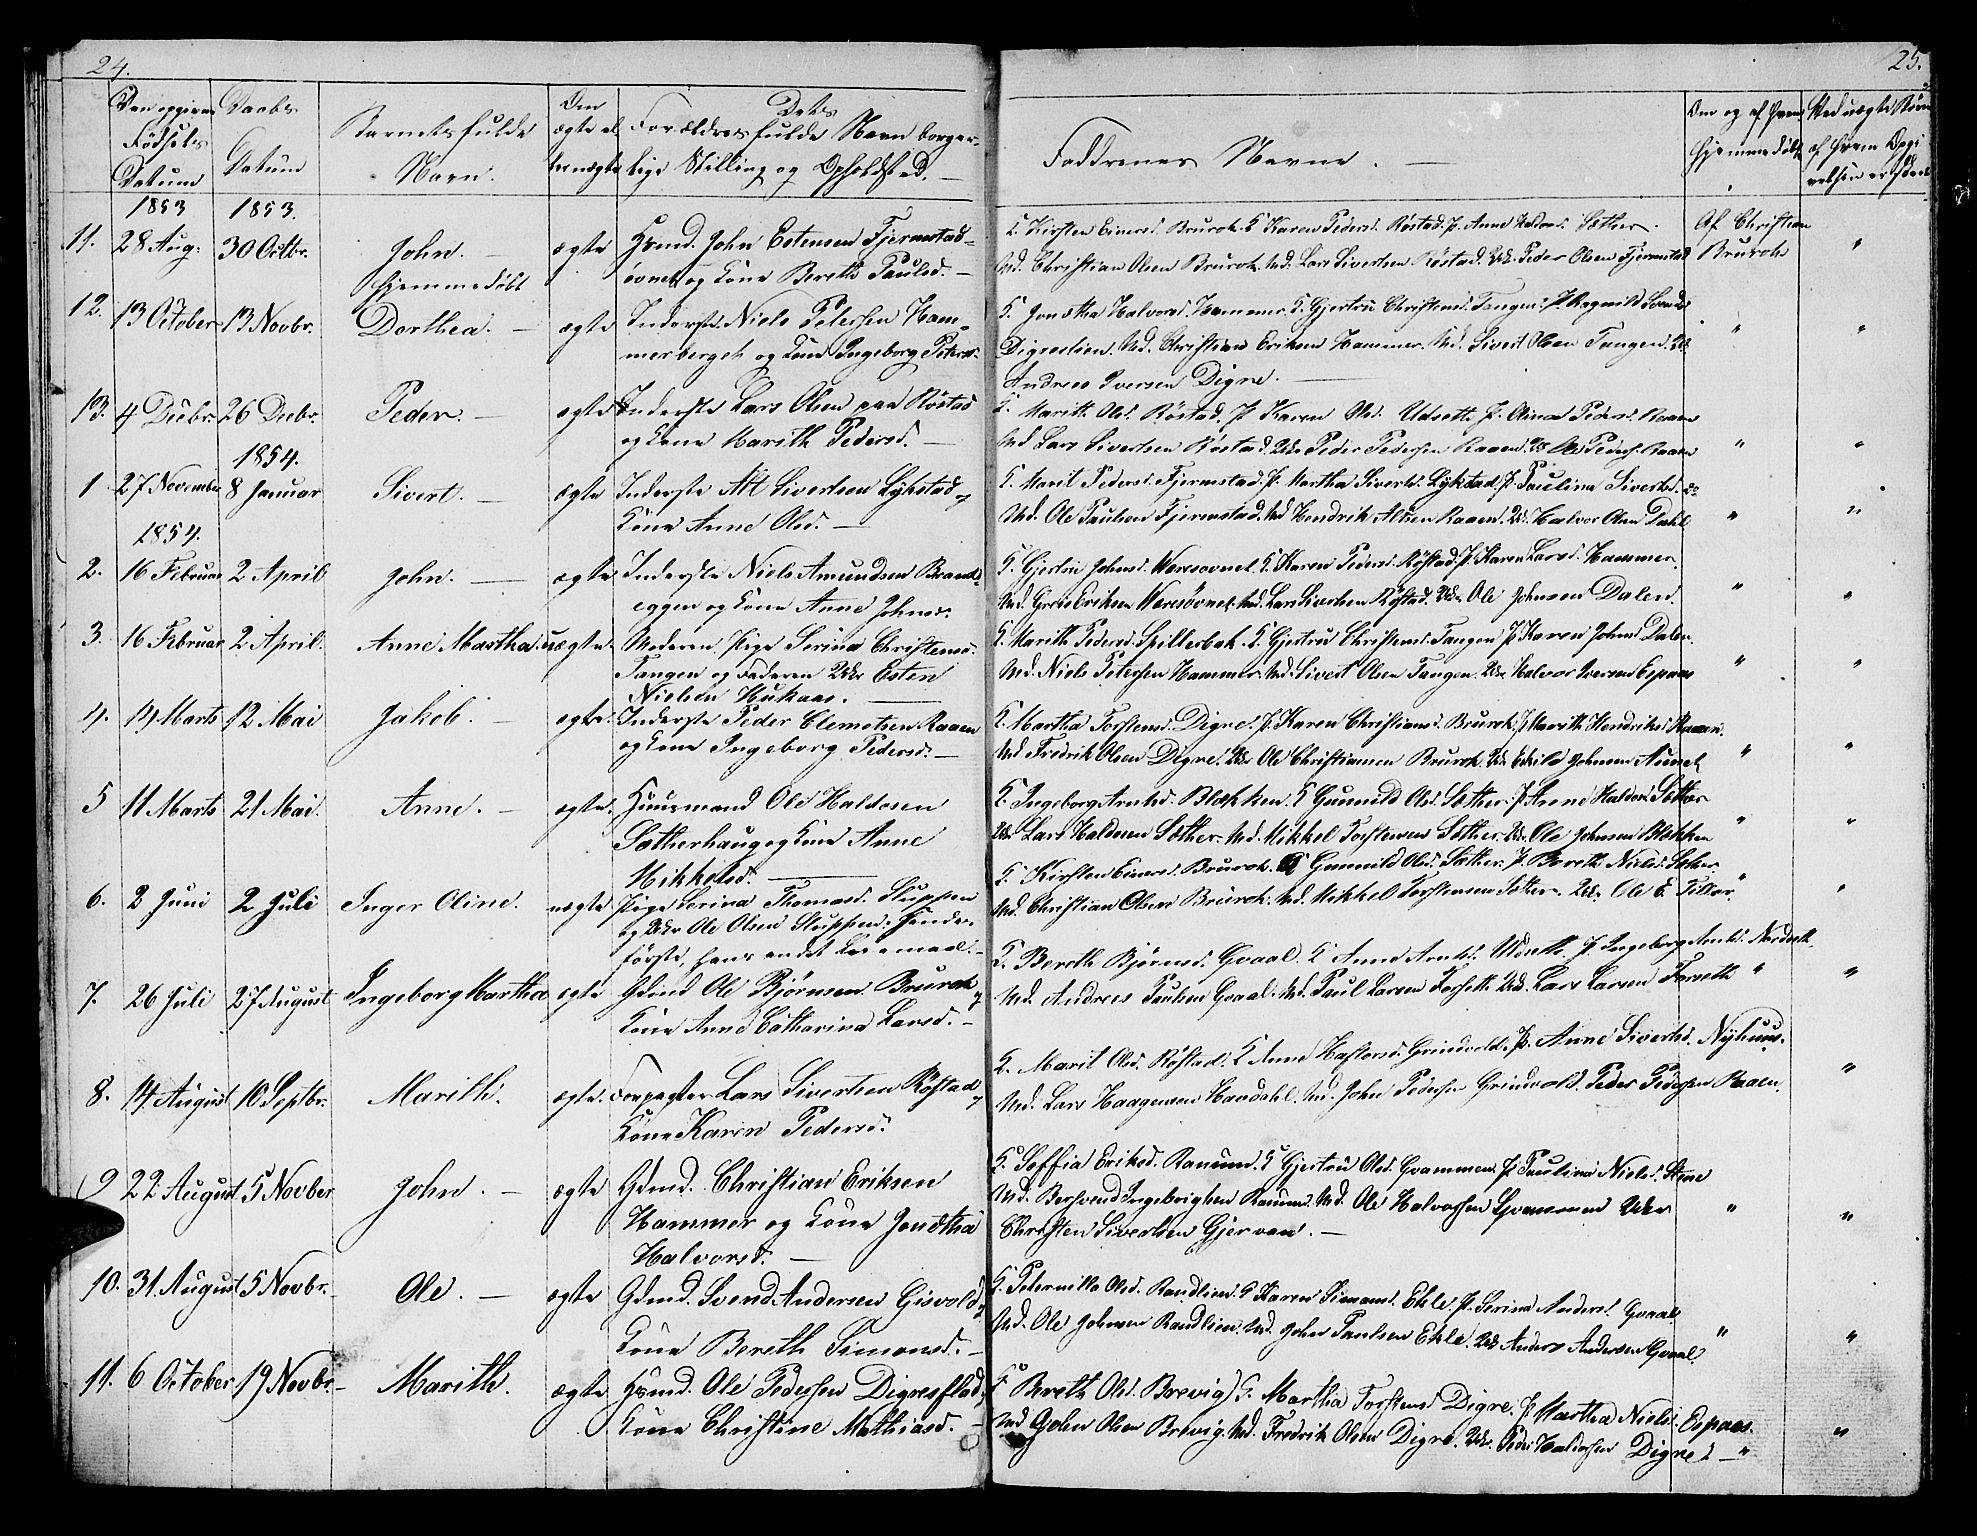 SAT, Ministerialprotokoller, klokkerbøker og fødselsregistre - Sør-Trøndelag, 608/L0339: Klokkerbok nr. 608C05, 1844-1863, s. 24-25